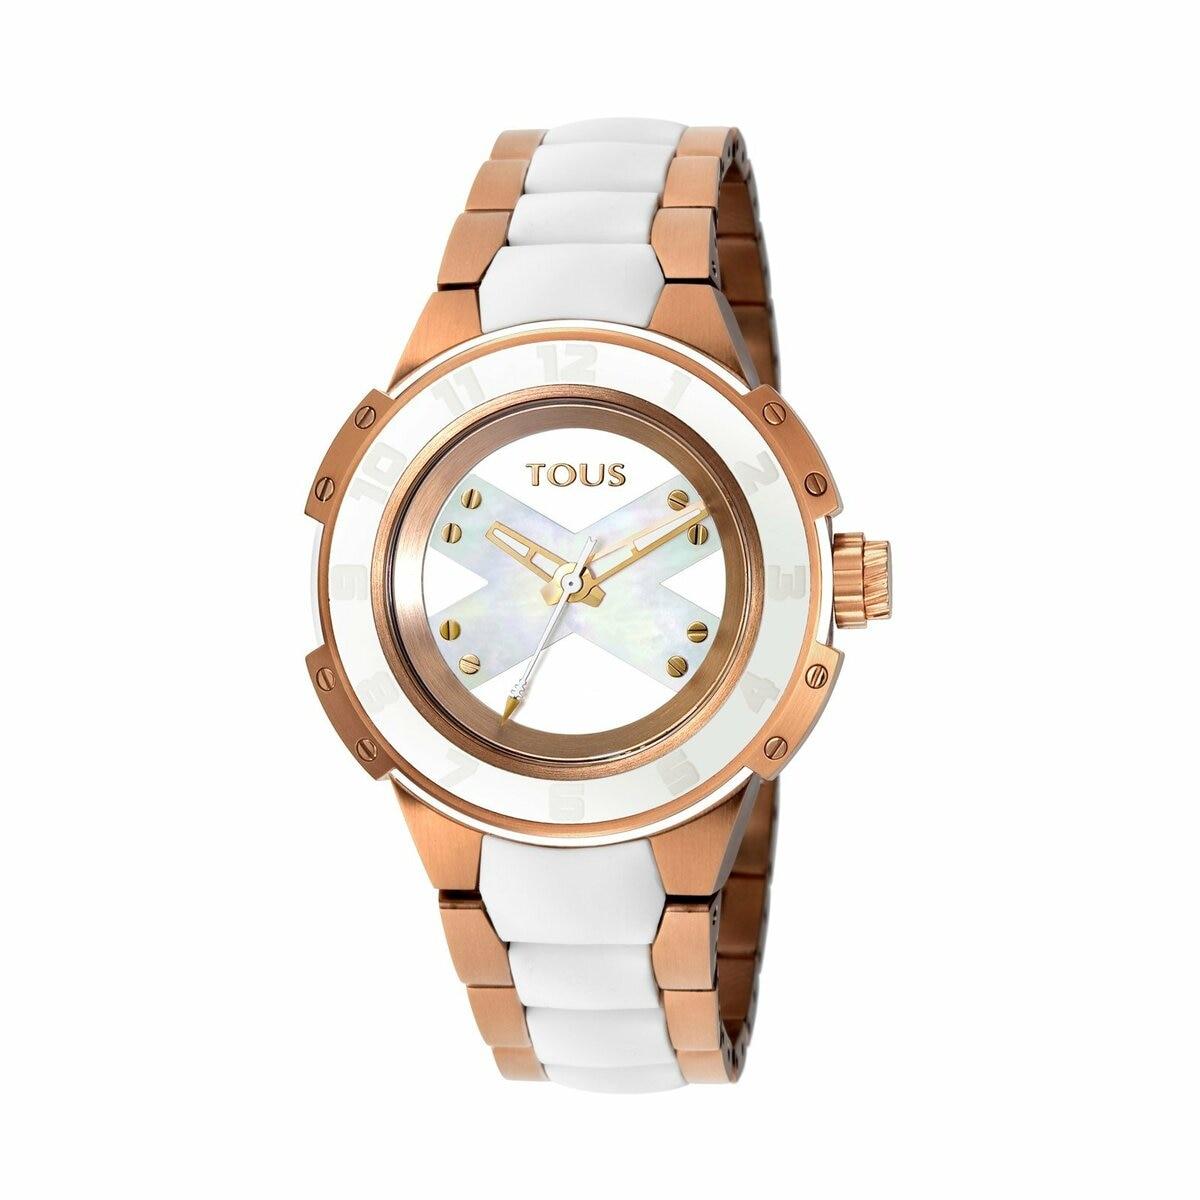 Reloj Xtous Lady bicolor de acero IP rosado/blanco con correa de silicona blanca